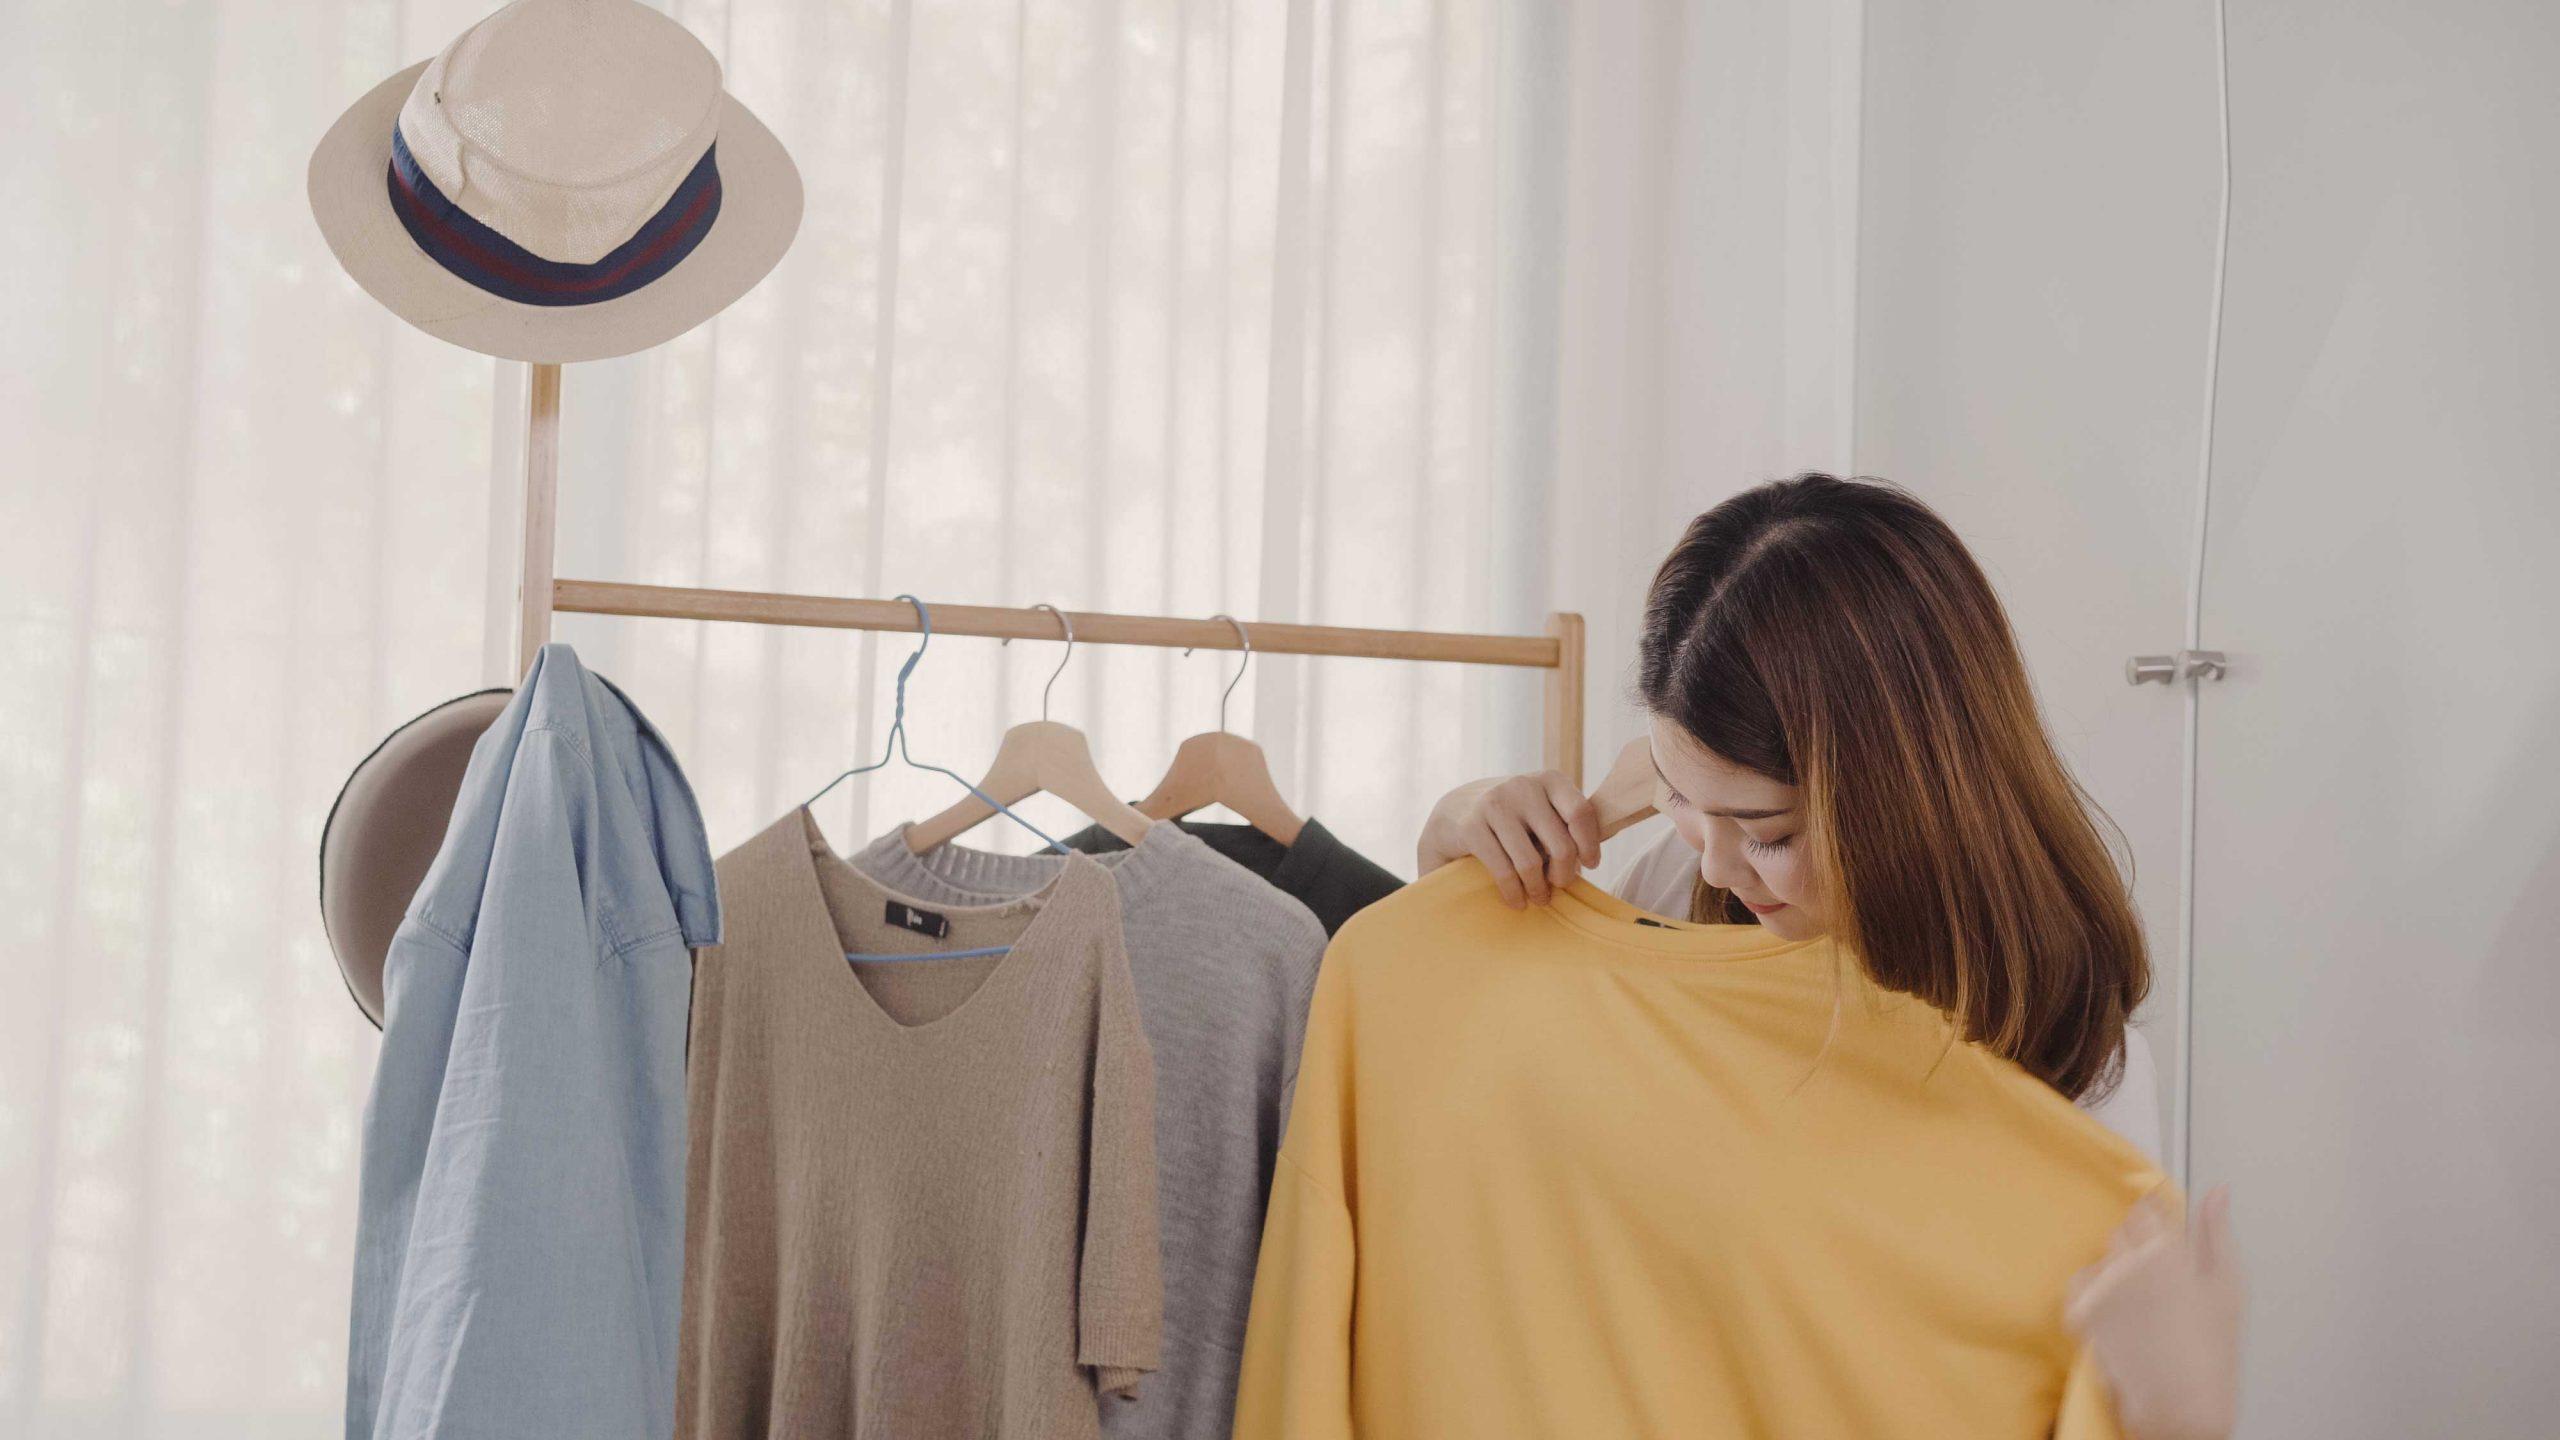 انتخاب لباس مناسب سایز